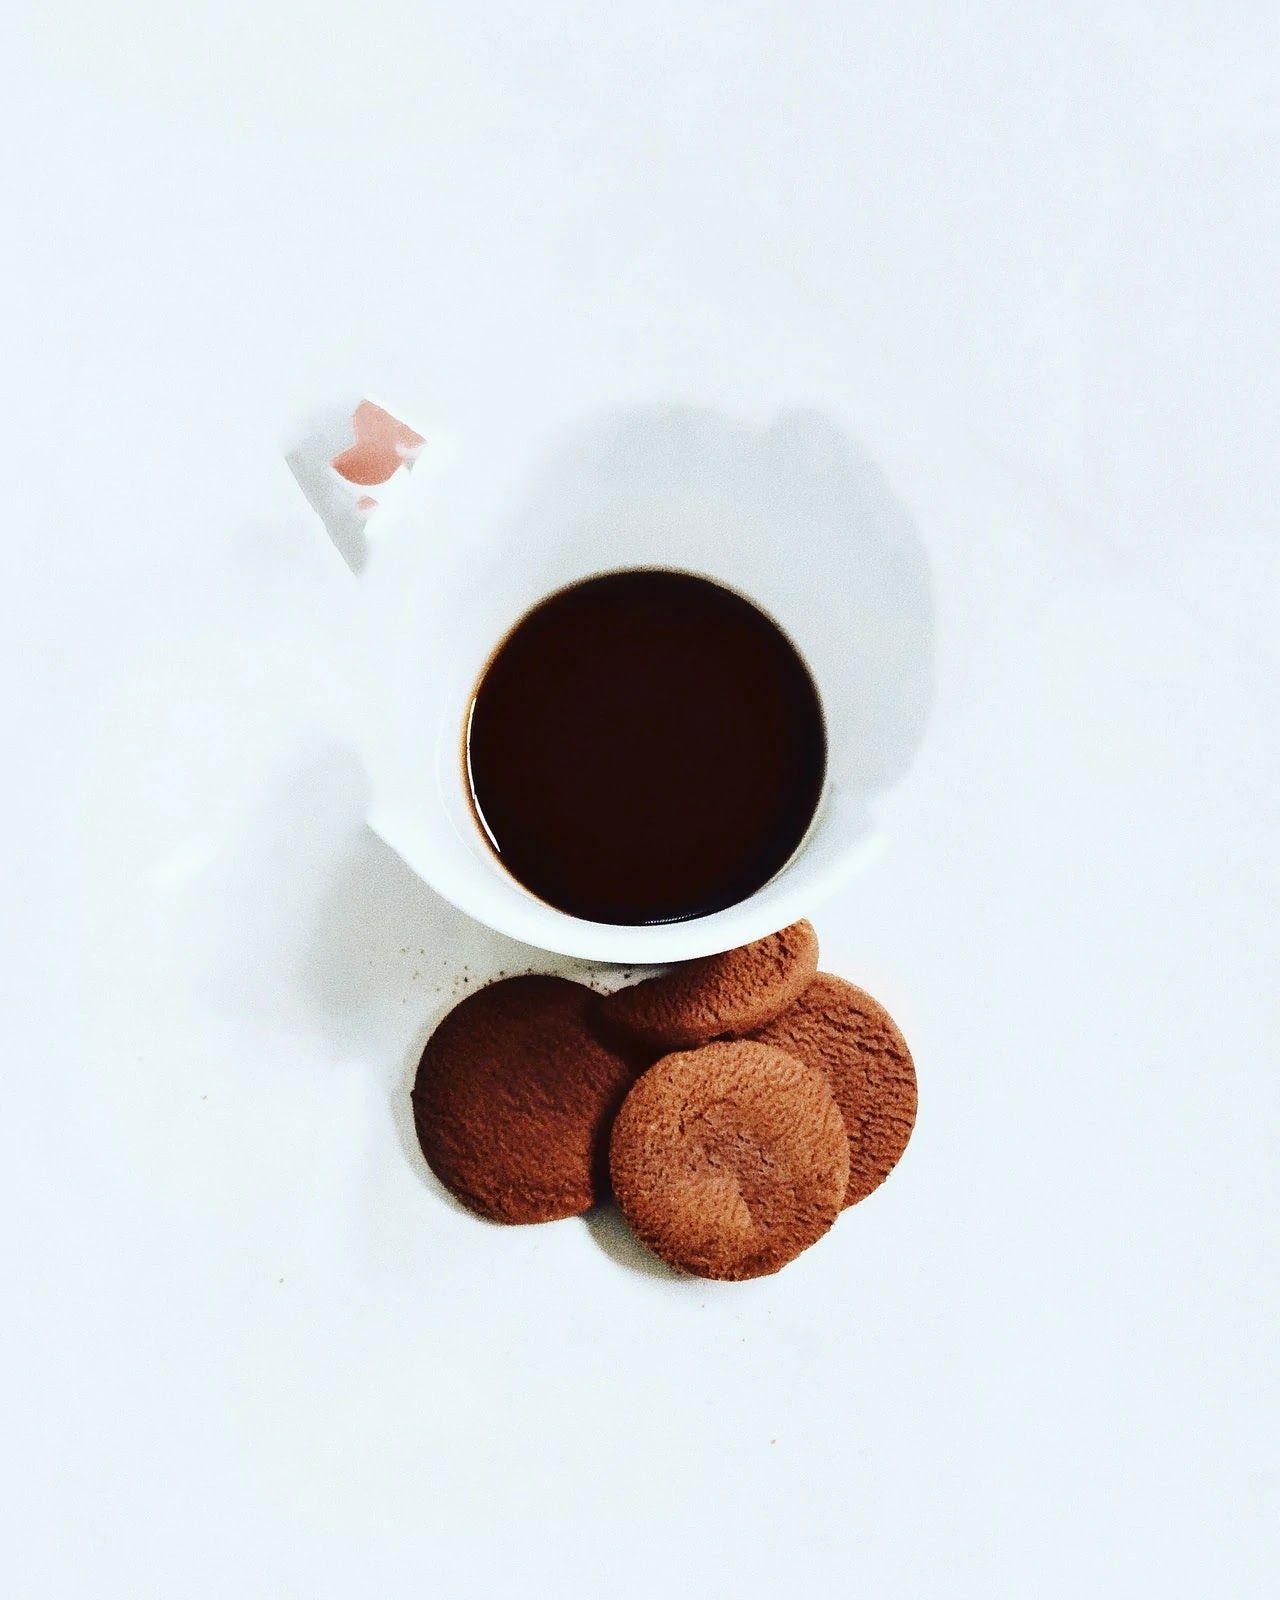 خلفيات مميزة جدا للأيفون Coffee Health Benefits Coffee Ingredients Black Coffee